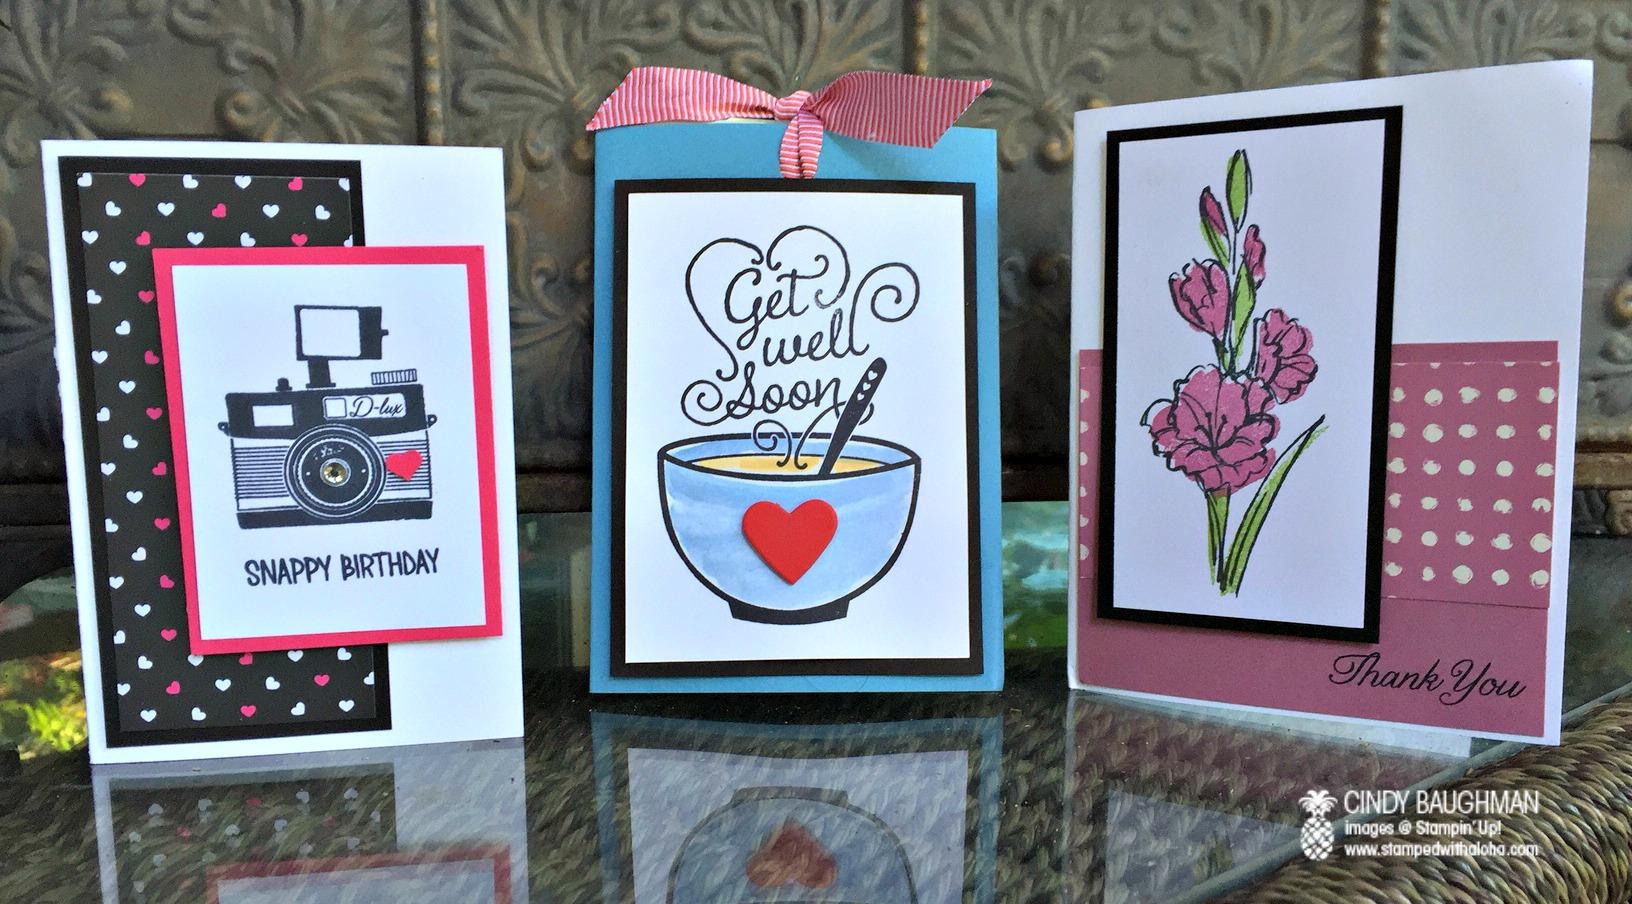 Wednesdays Card Class - www.stampedwithaloha.com